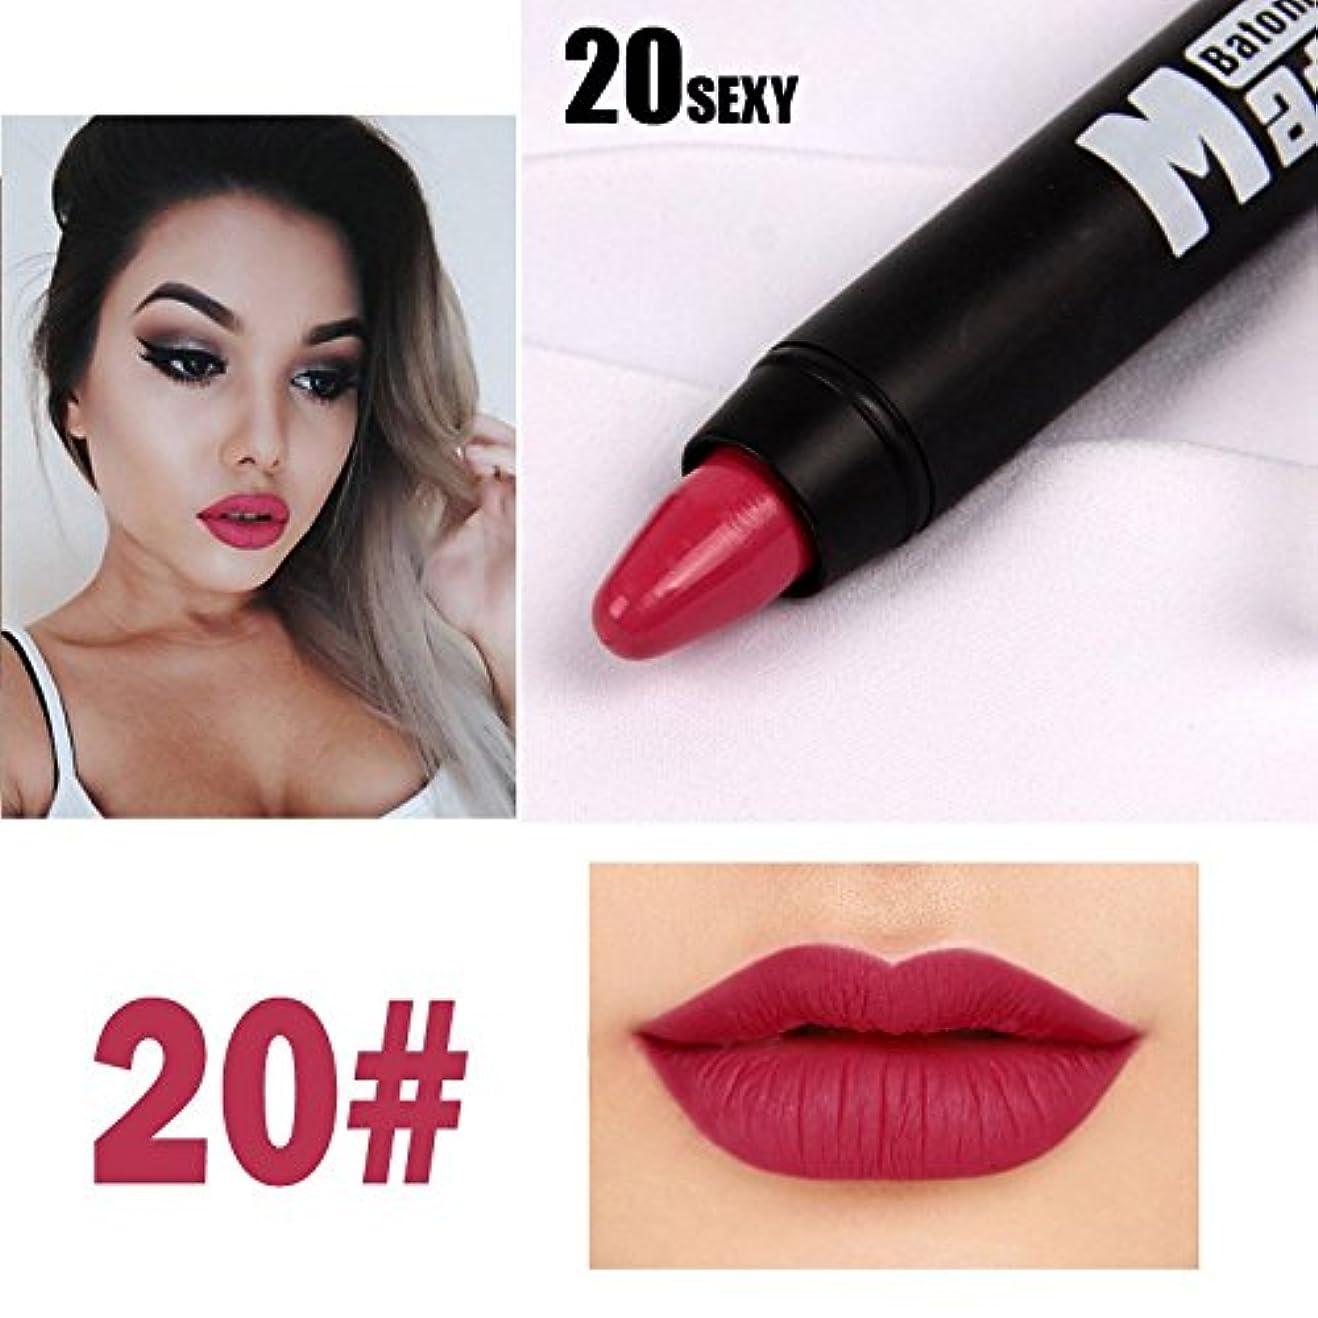 揃える不要うつMISS ROSE Professional Women Waterproof Lipstick Lips Cream Beauty Lote Batom Matte Lipstick Nude Pencils Makeup